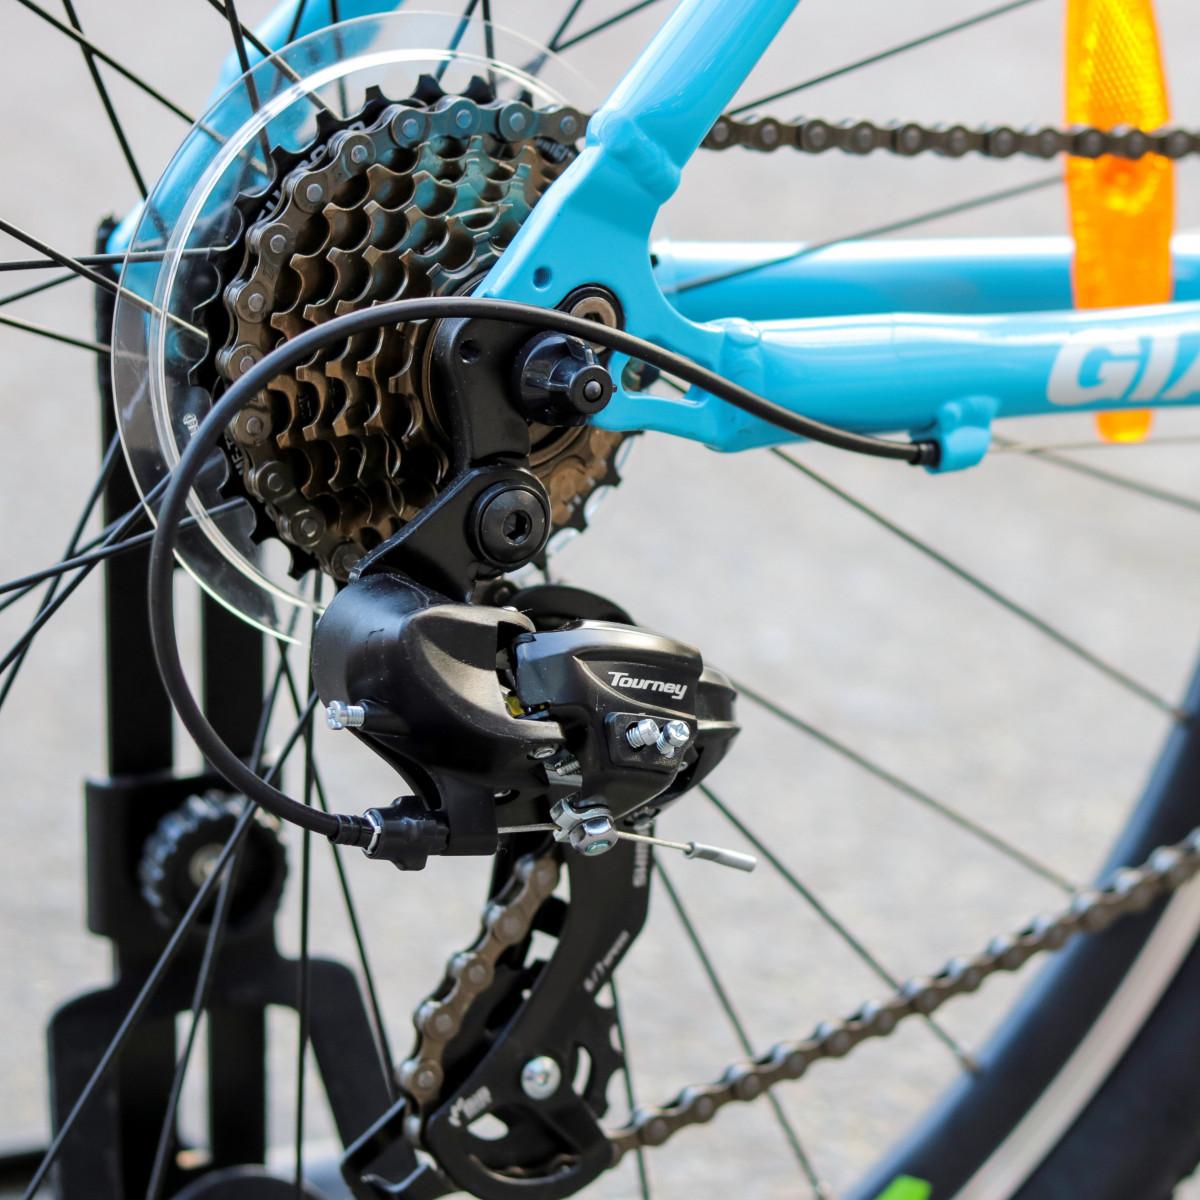 tổng hợp xe đạp thể thao chất lượng giá dưới 10 triệu 1